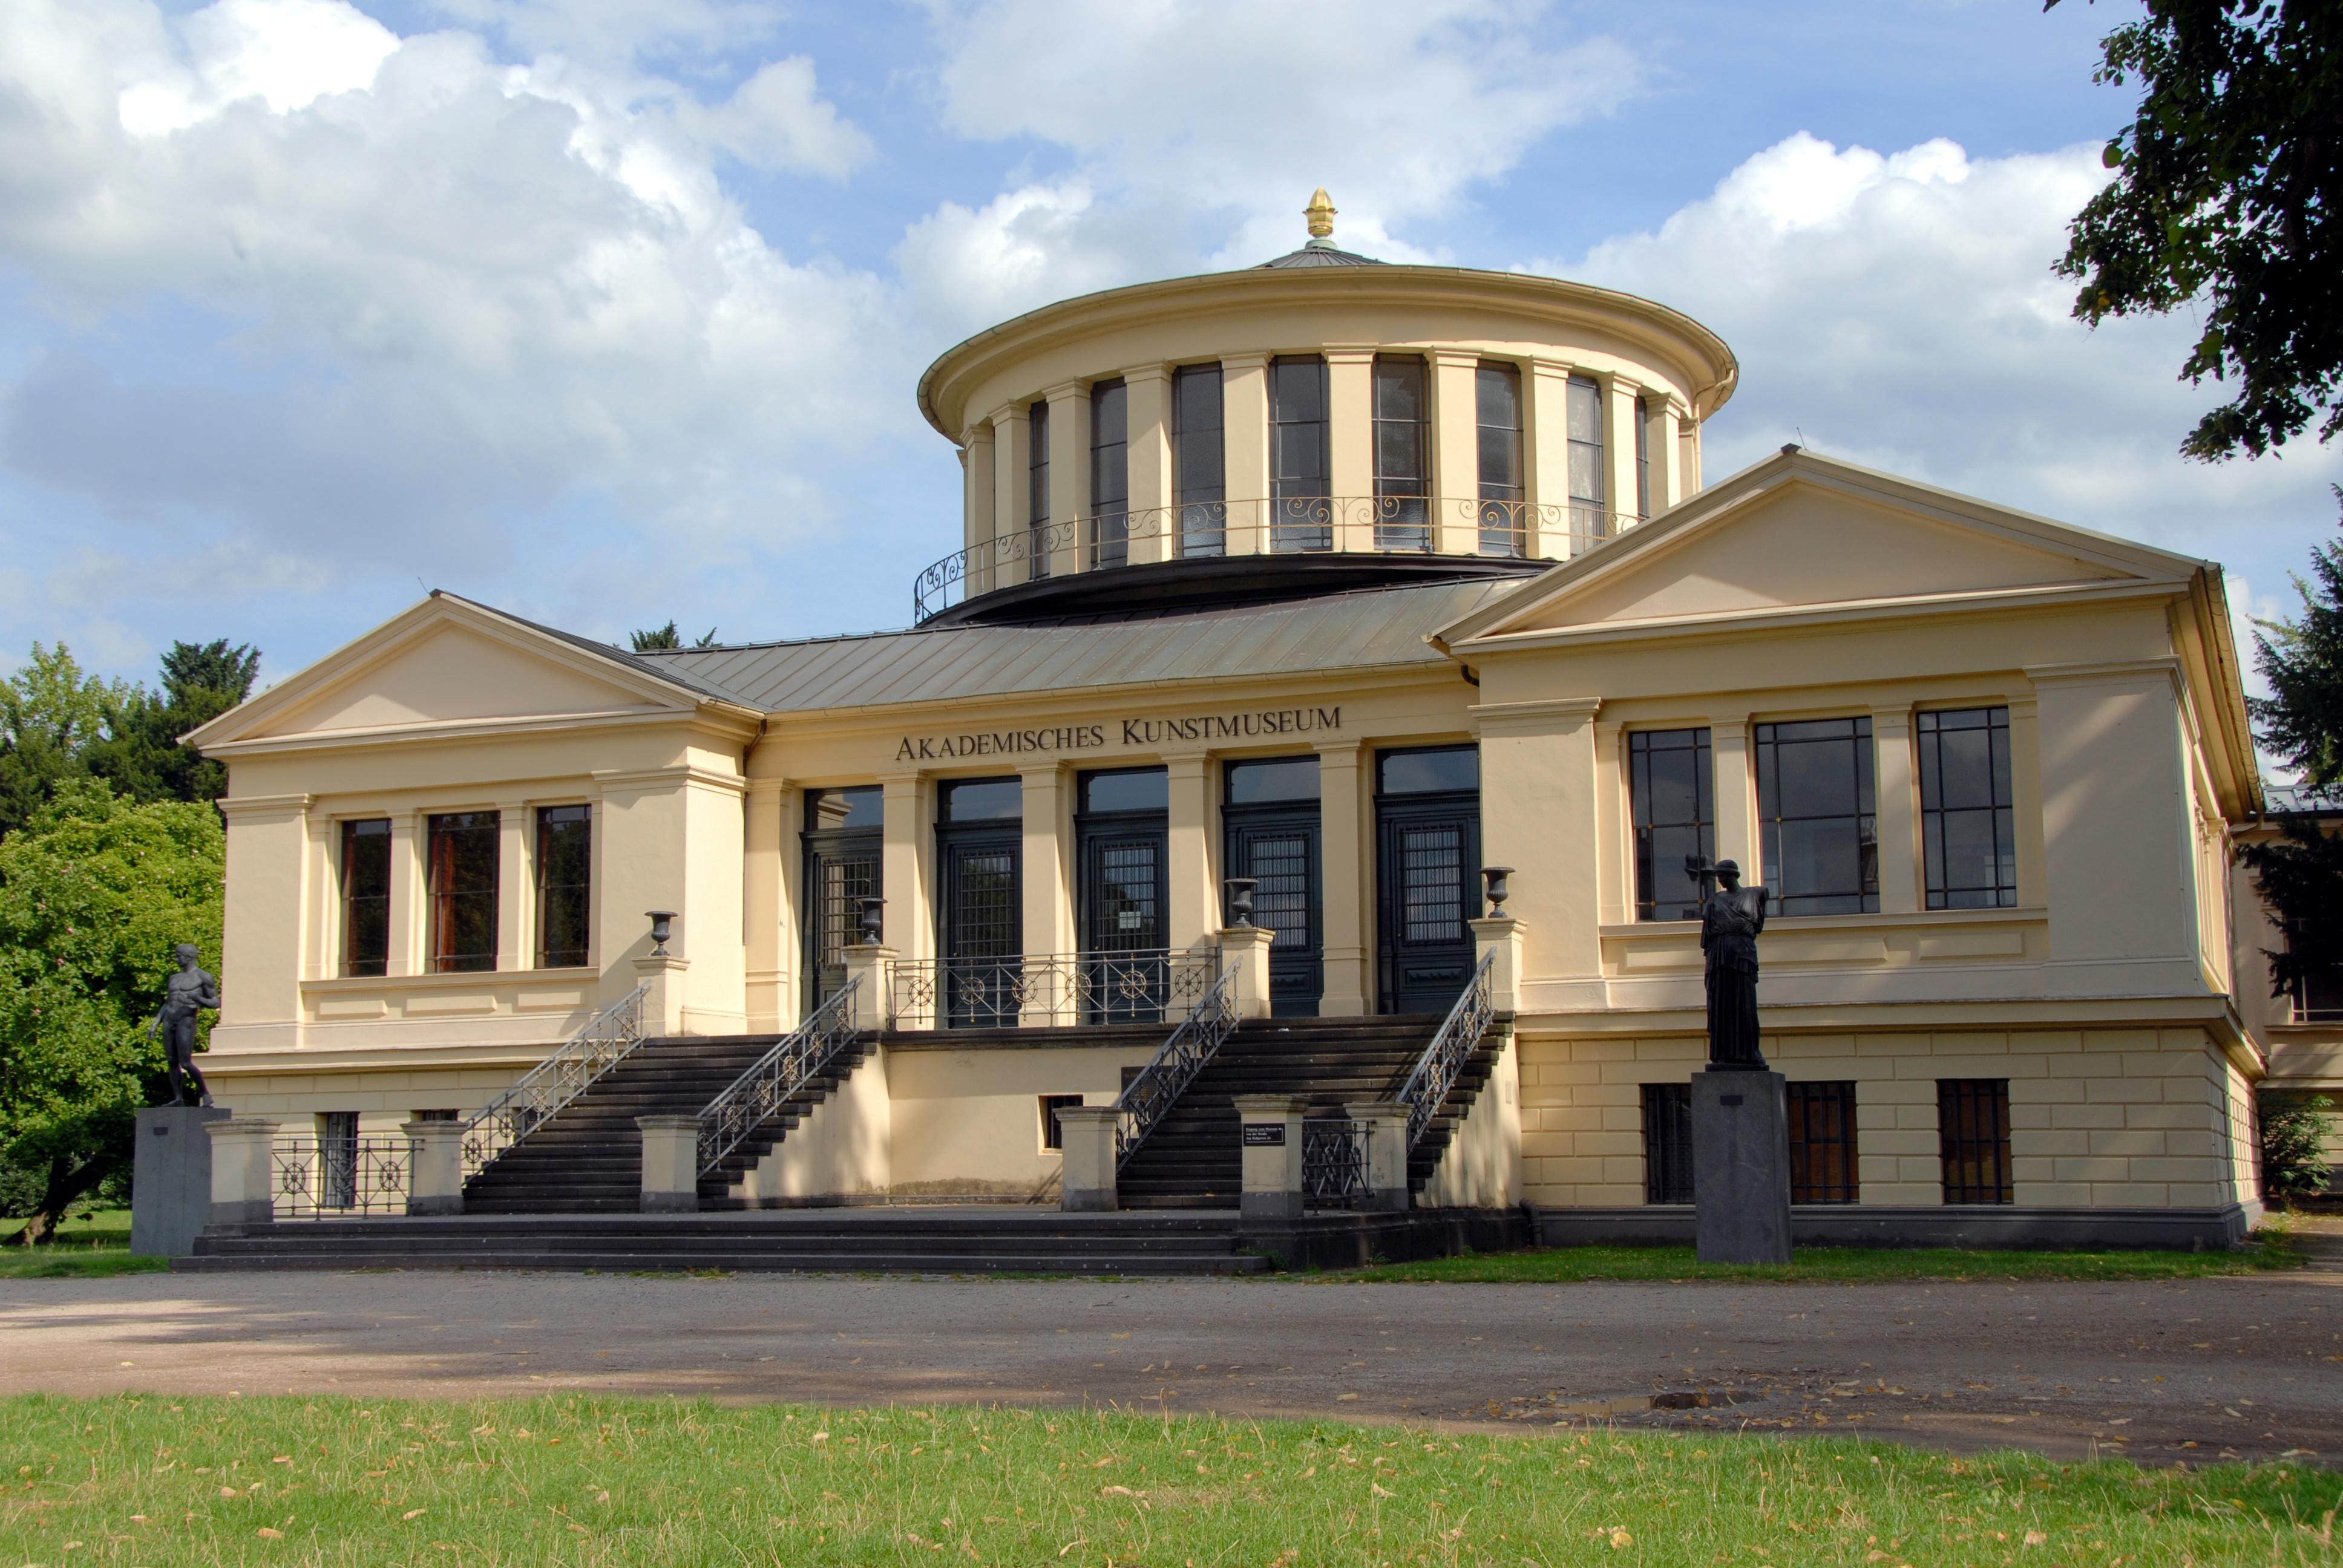 Akademisches Kunstmuseum, Antikensammlung, Bonn, Am Hofgarten